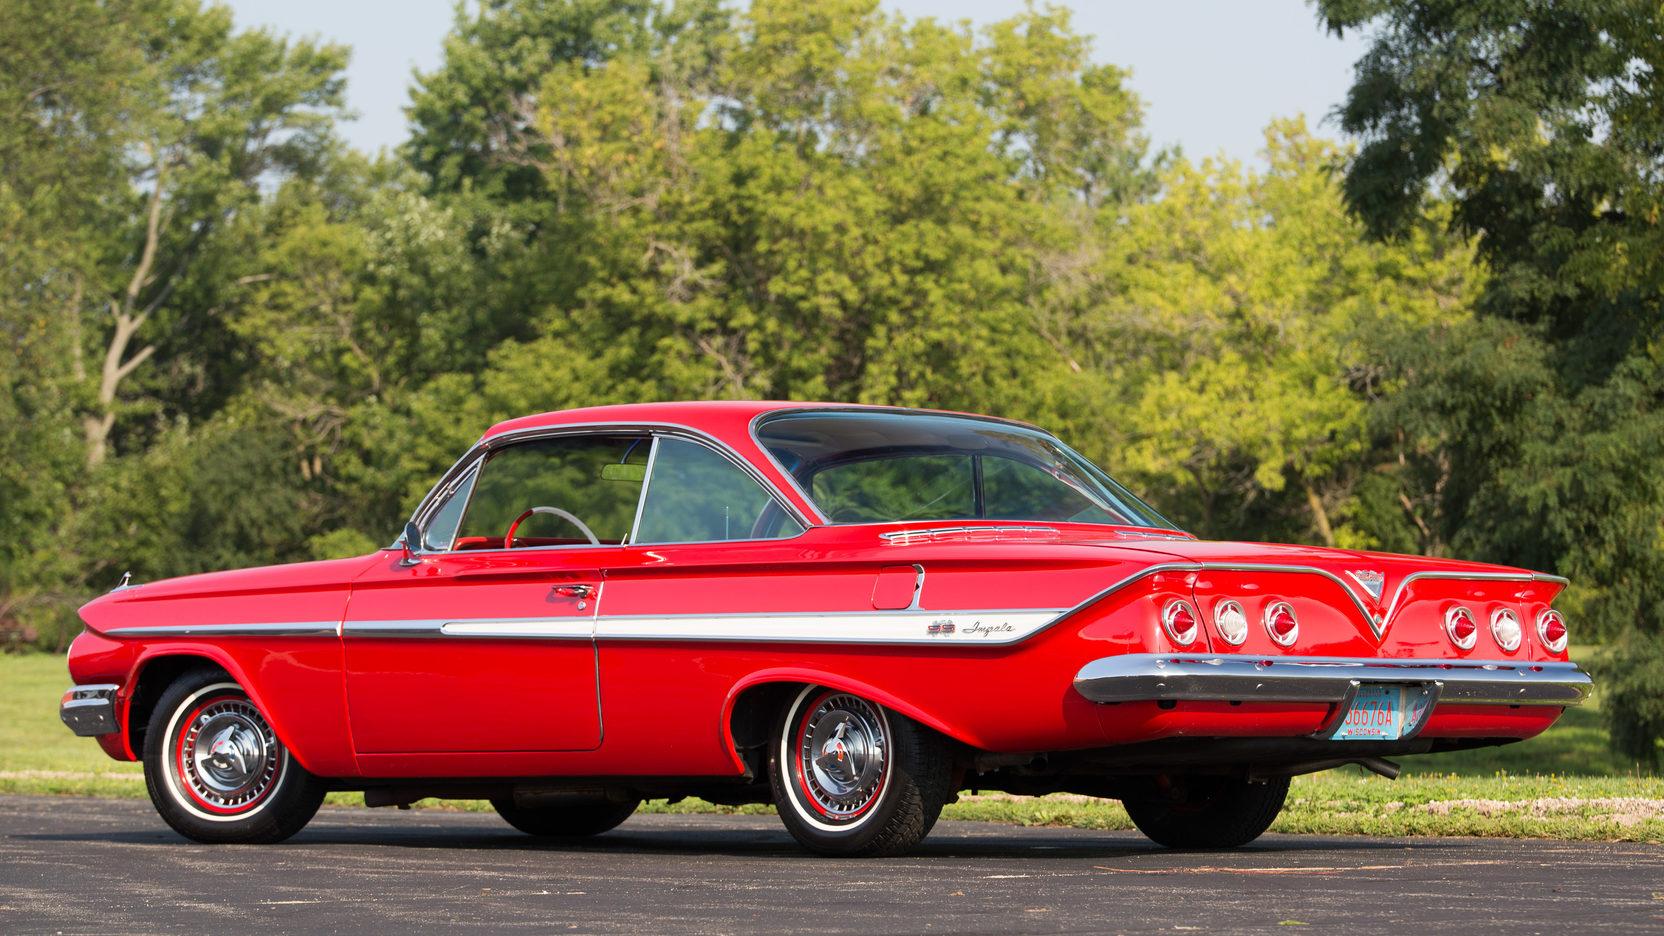 1961 Chevrolet Impala SS rear 3/4